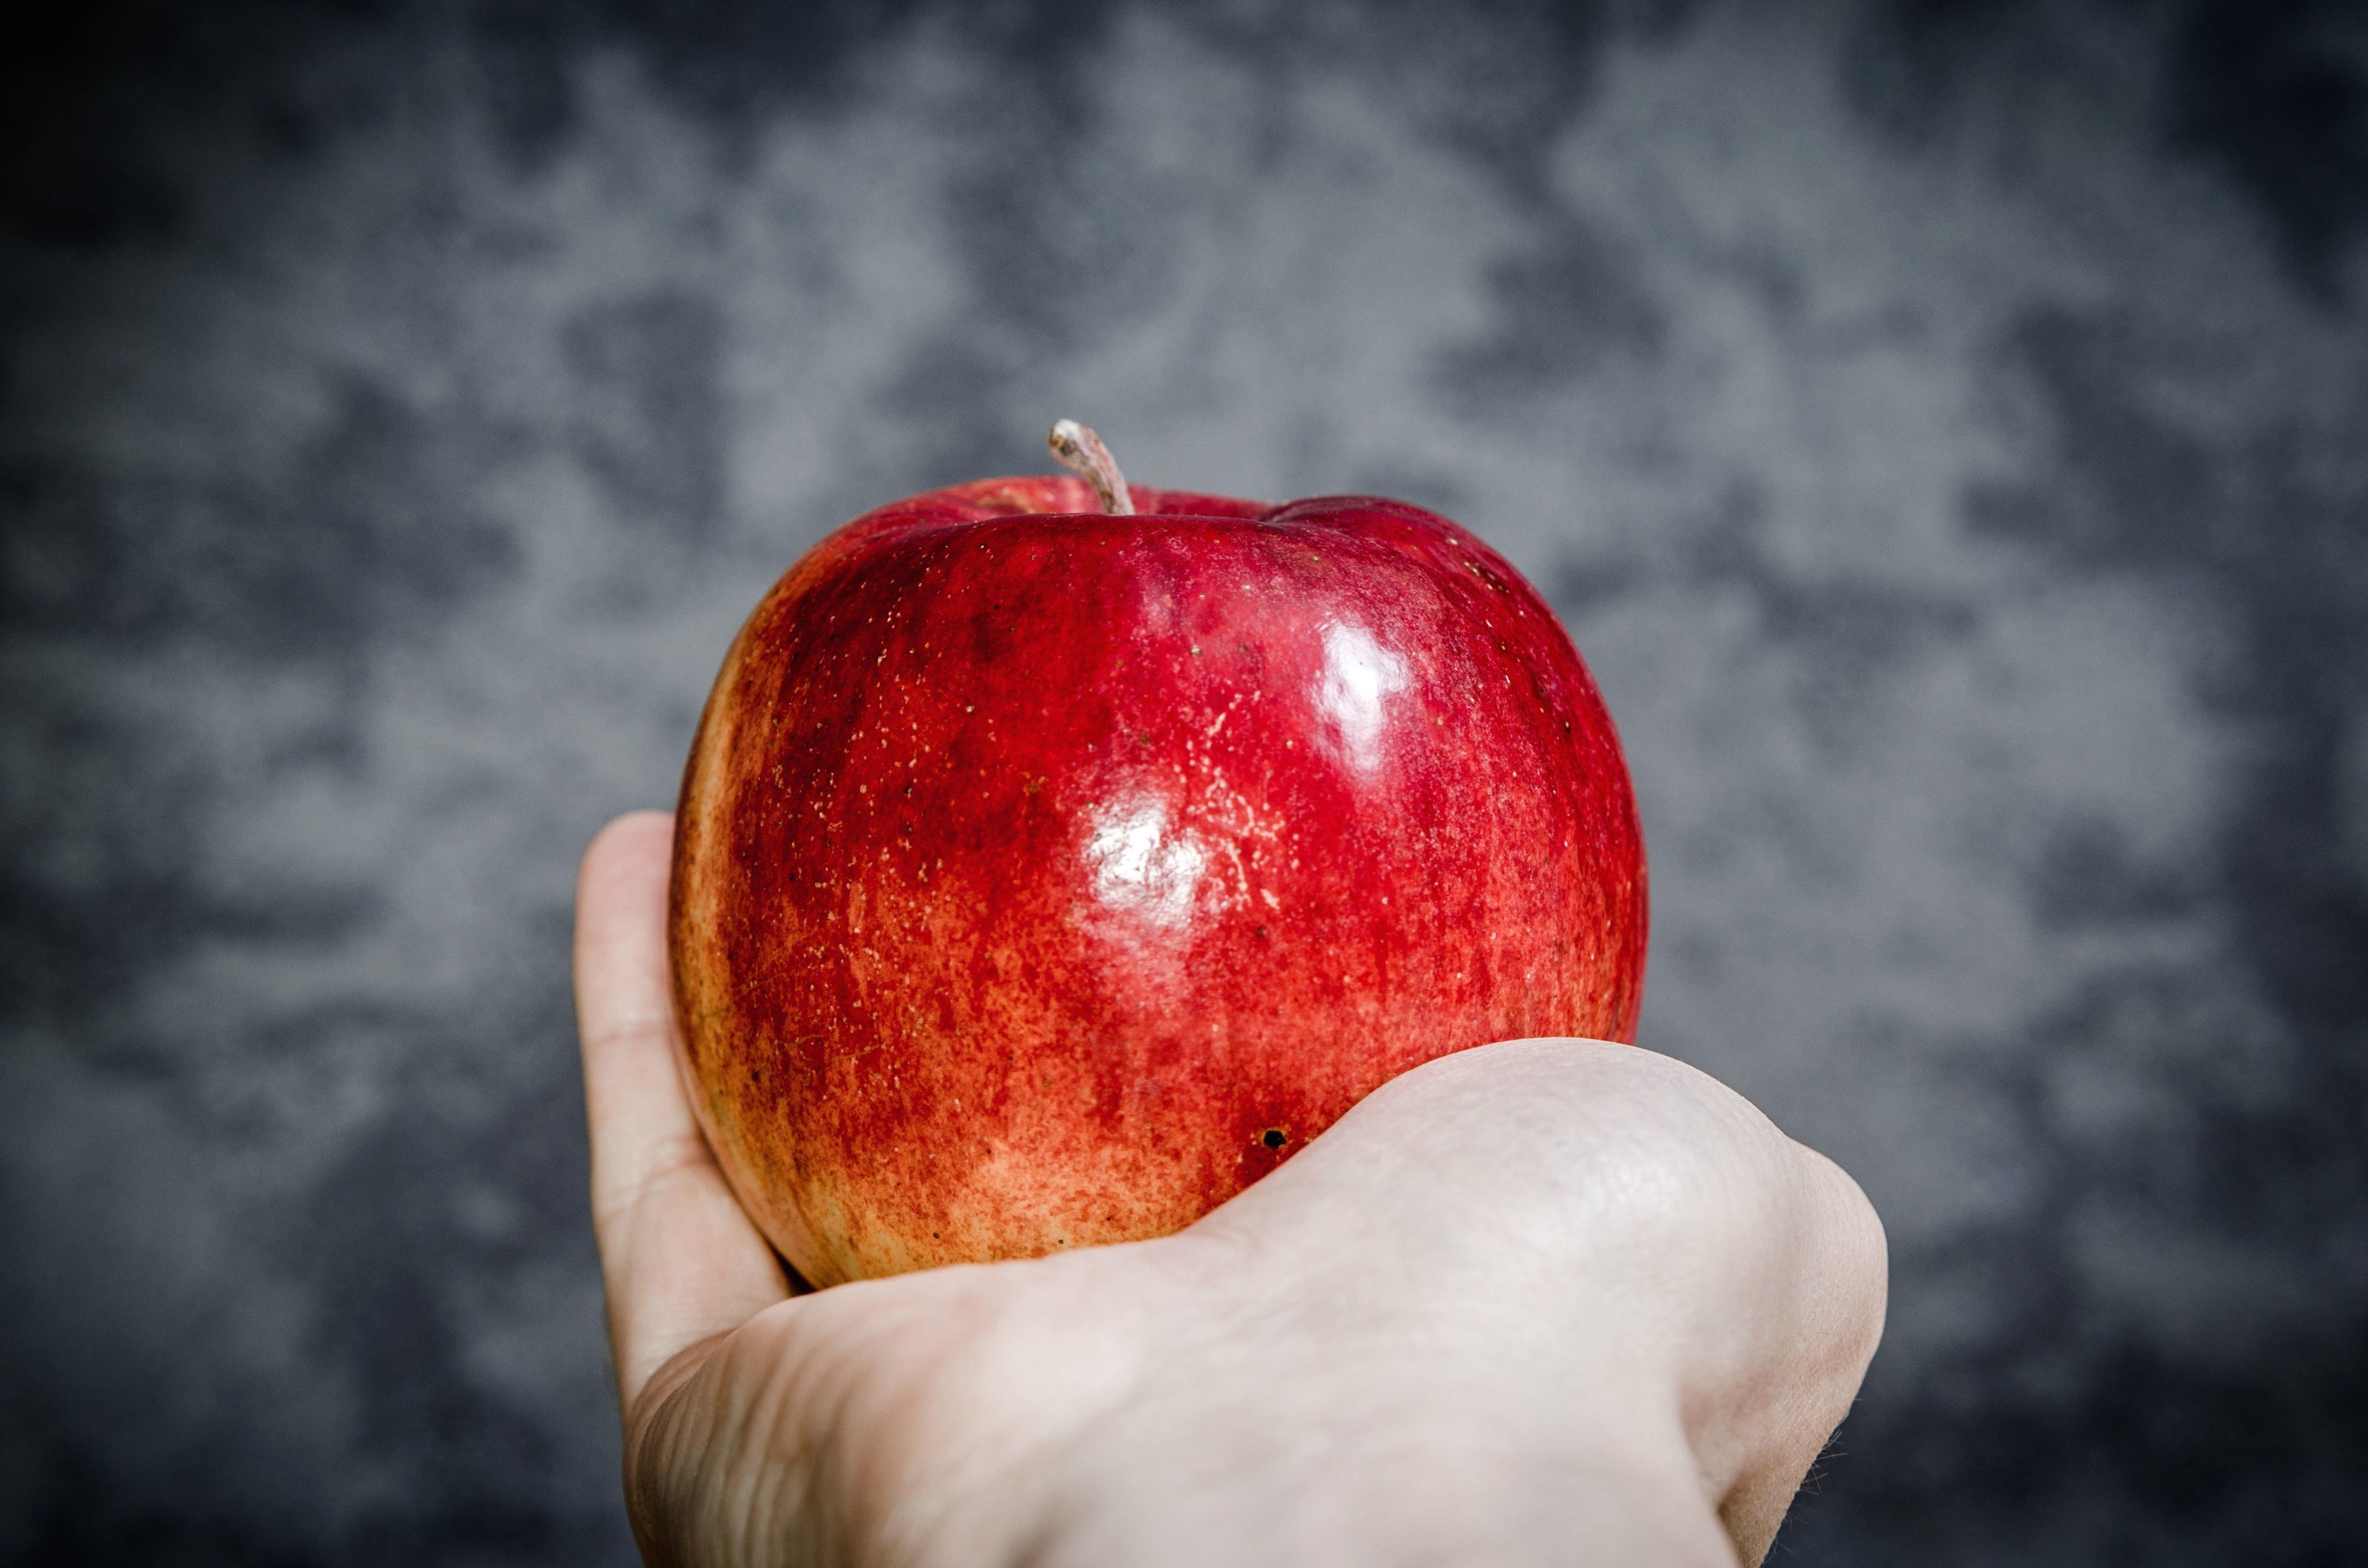 Картинка с яблоком про травлю, картинки внутри годовщина